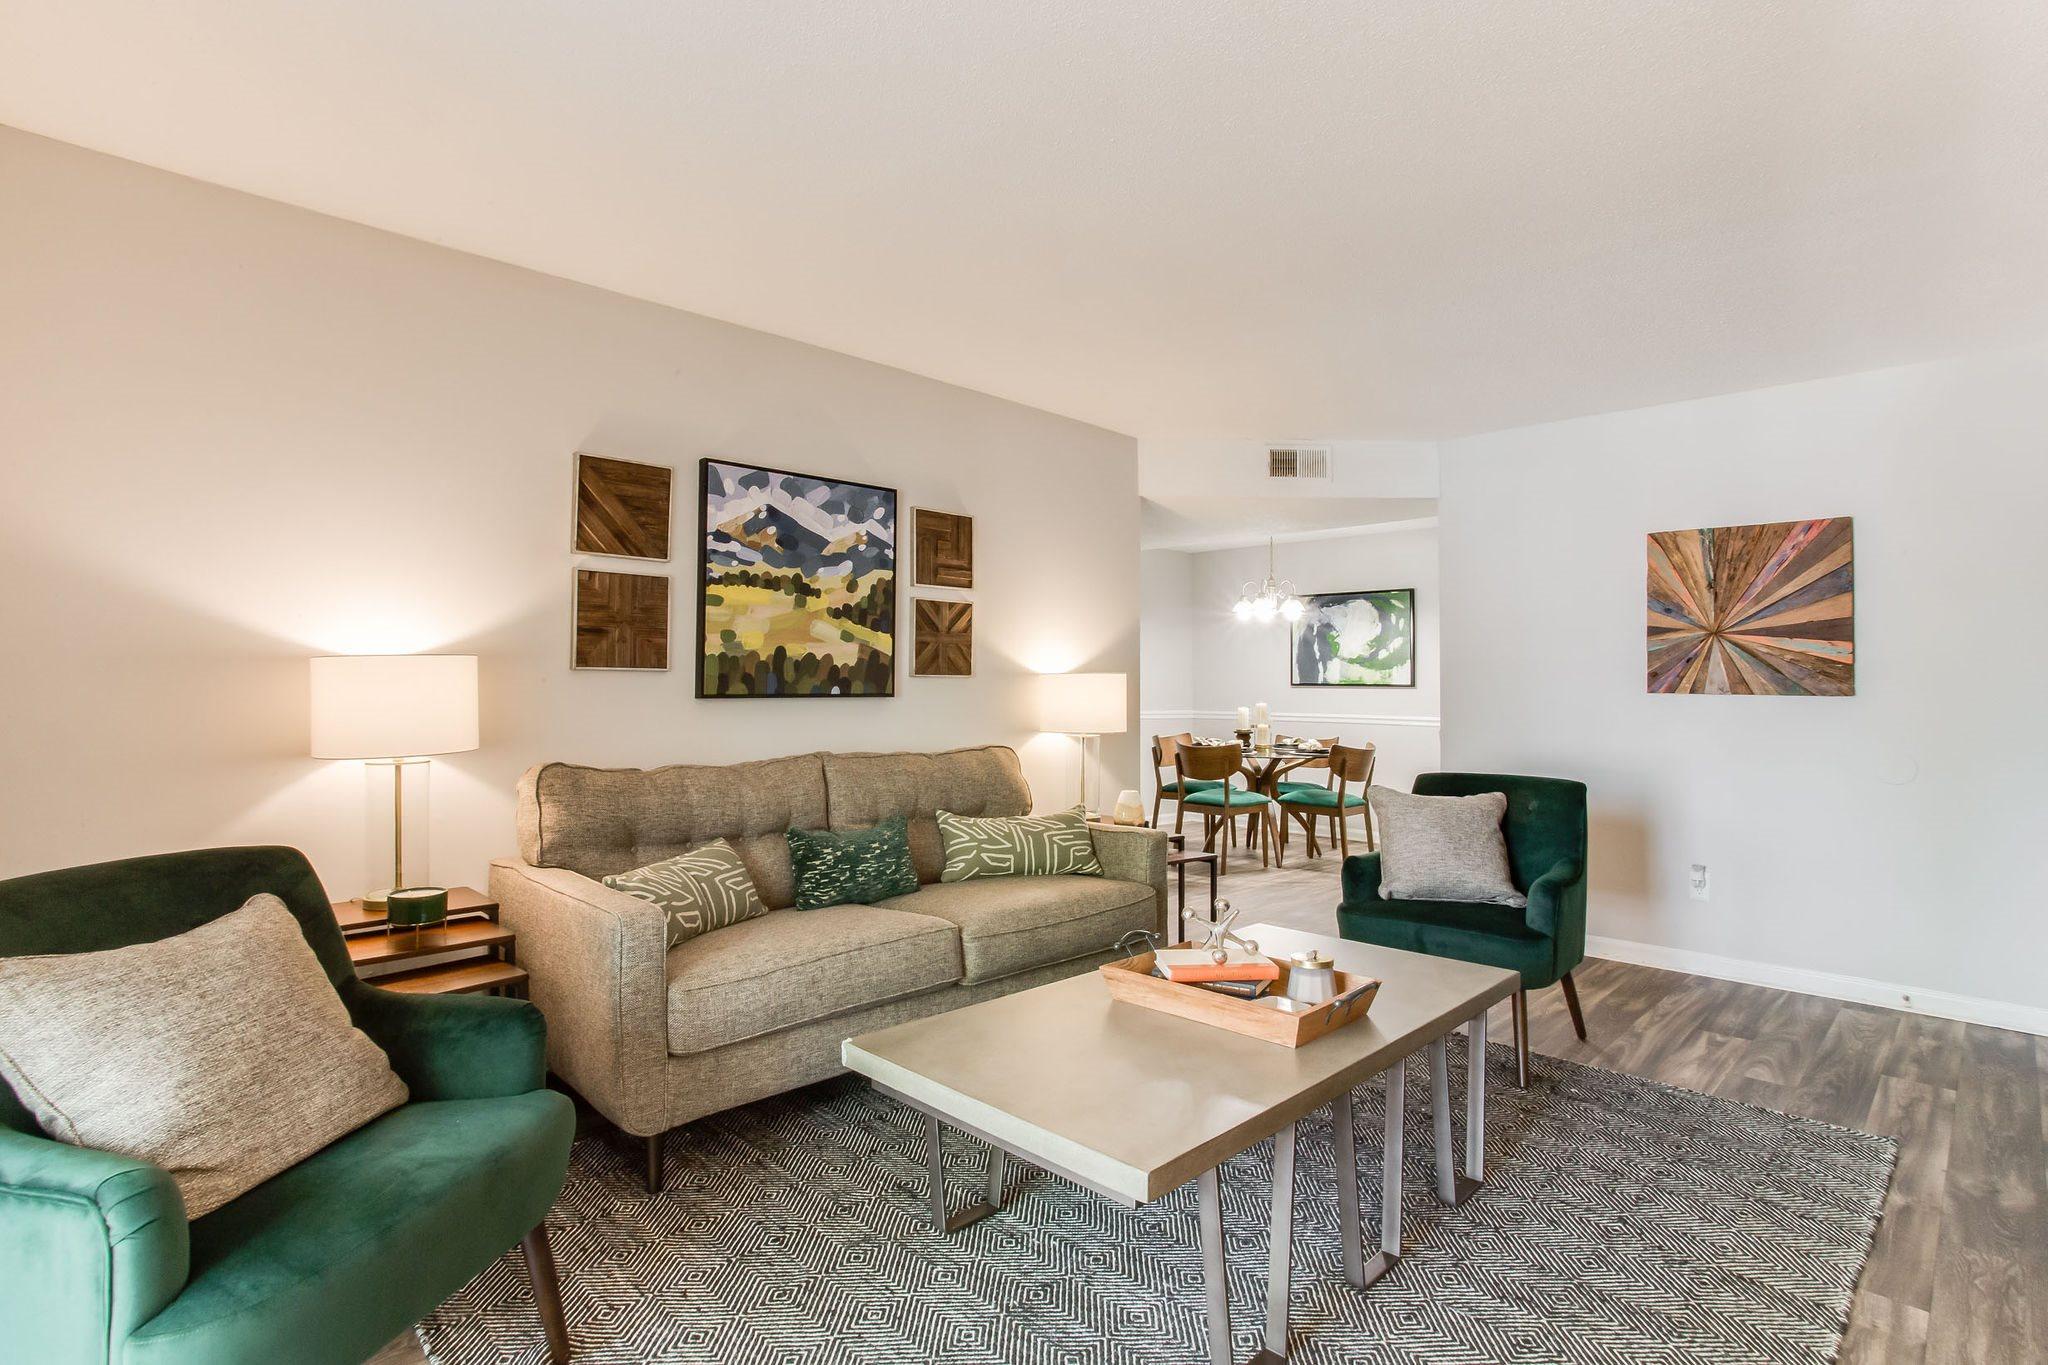 living room of model